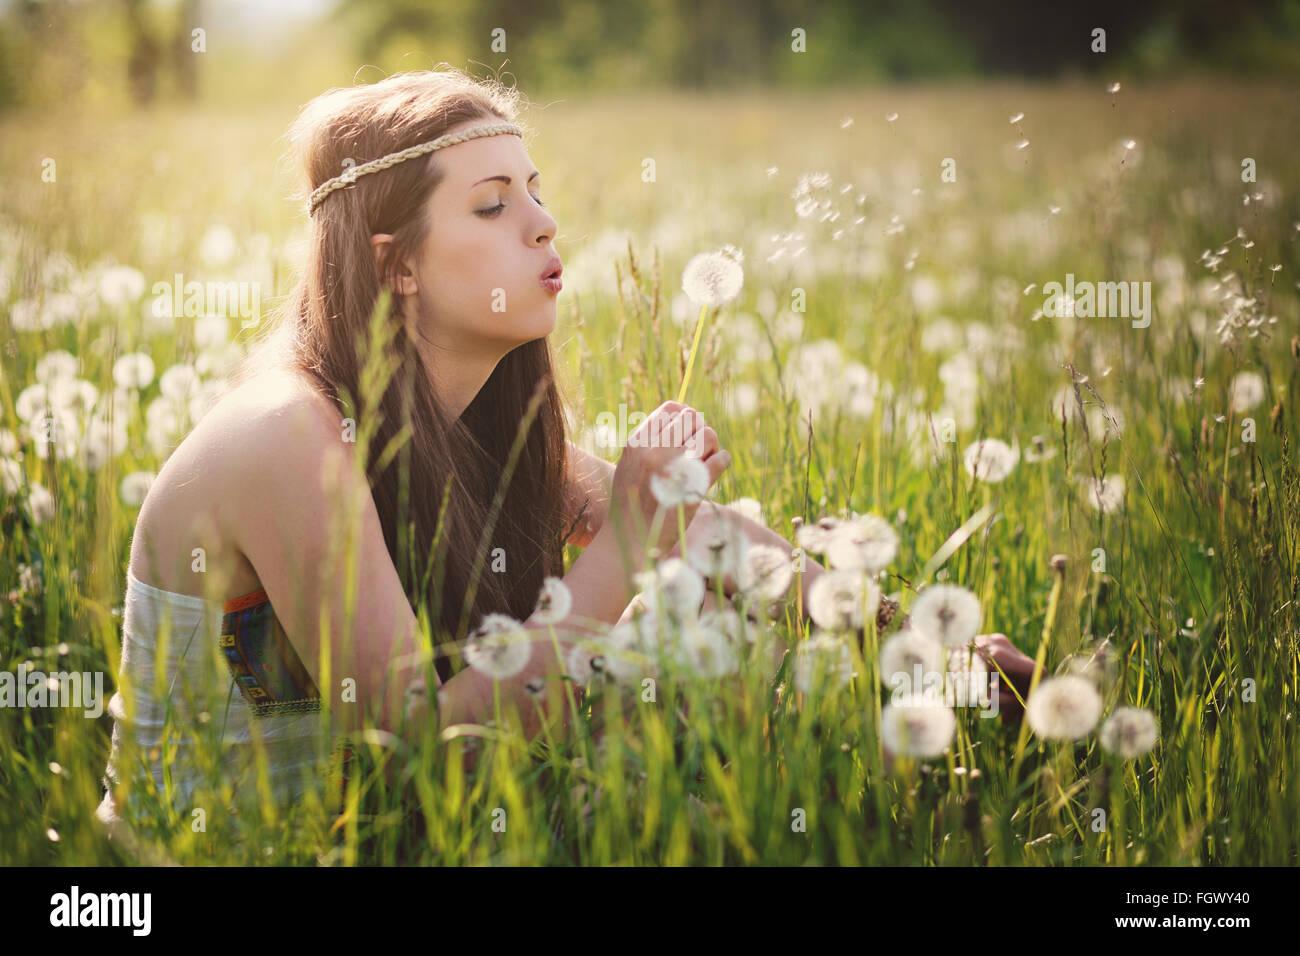 Belle hippie woman blowing fleurs de pissenlit. L'harmonie de la Nature Photo Stock